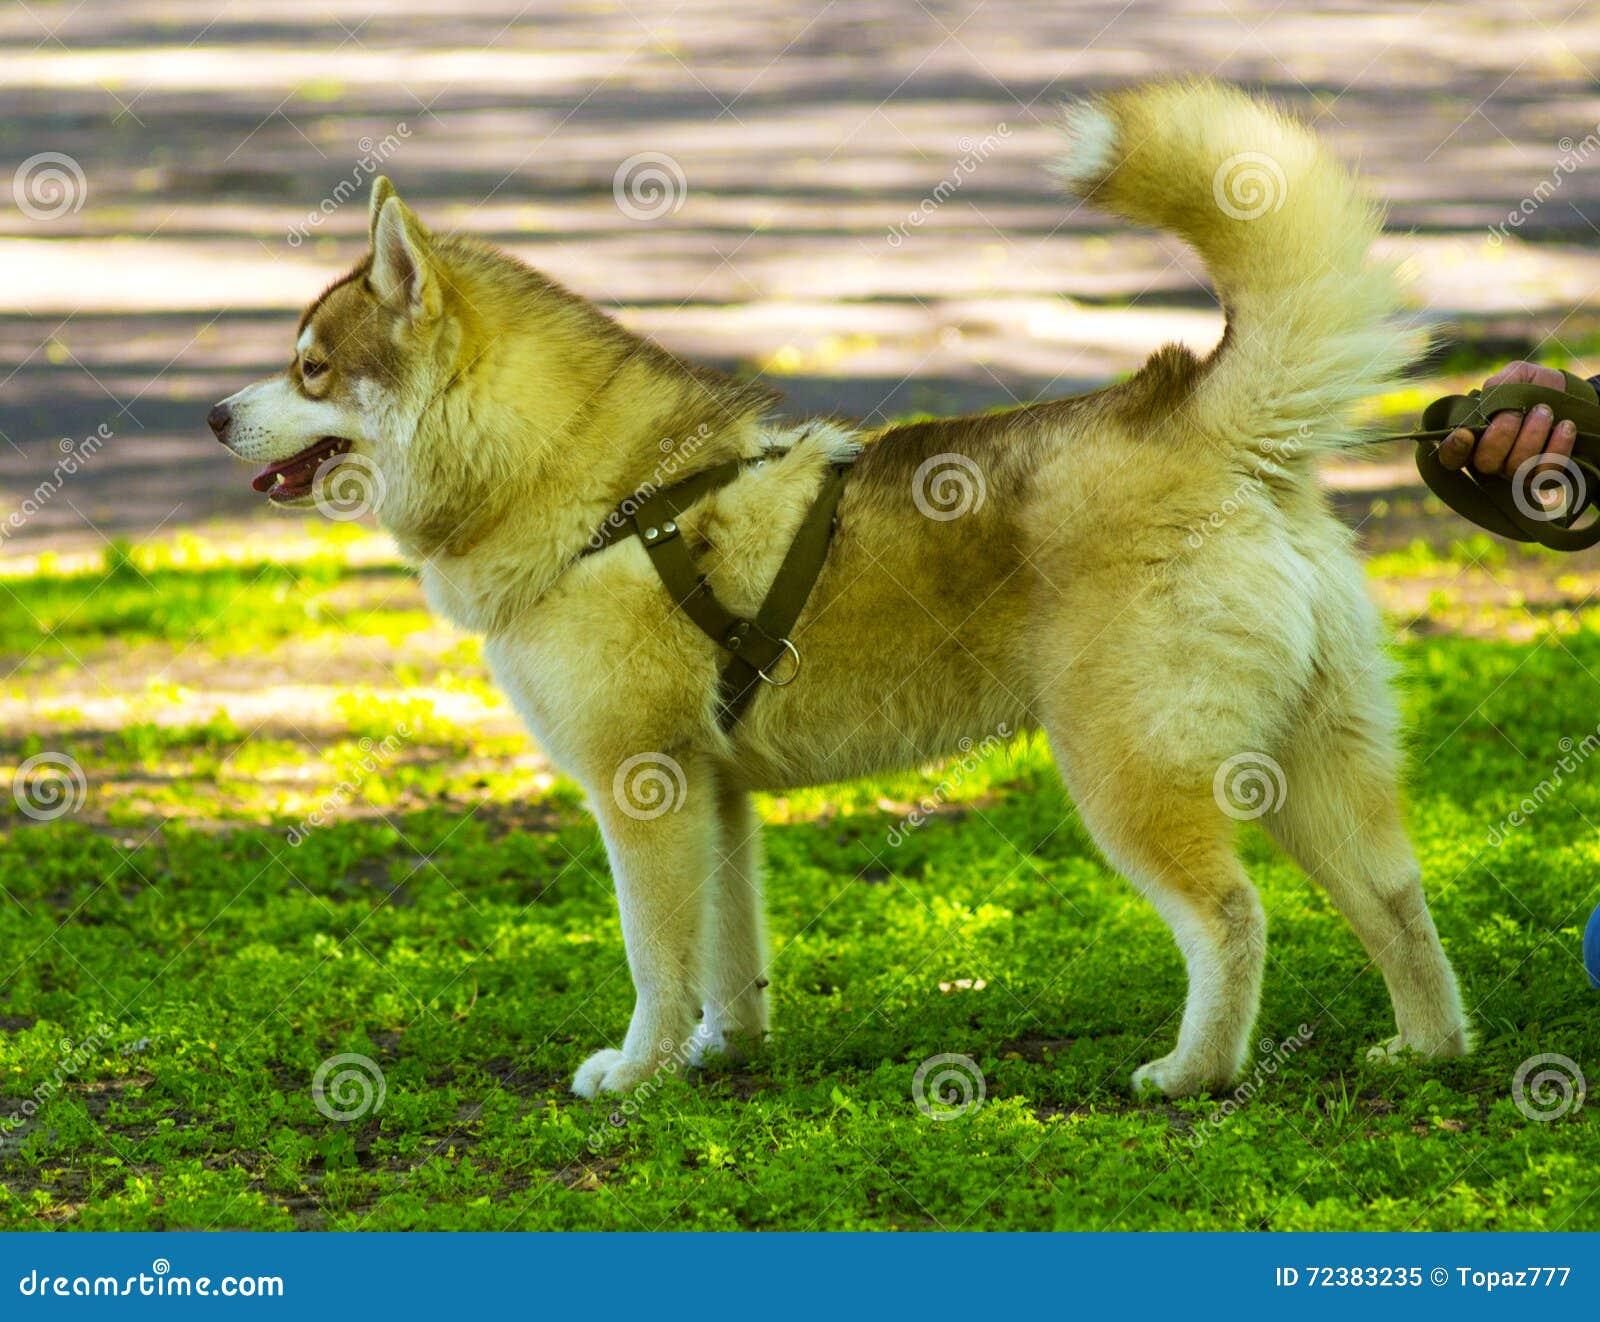 Laika Siberian Favorito ronco do animal de estimação do cão malamute Alaskan novo